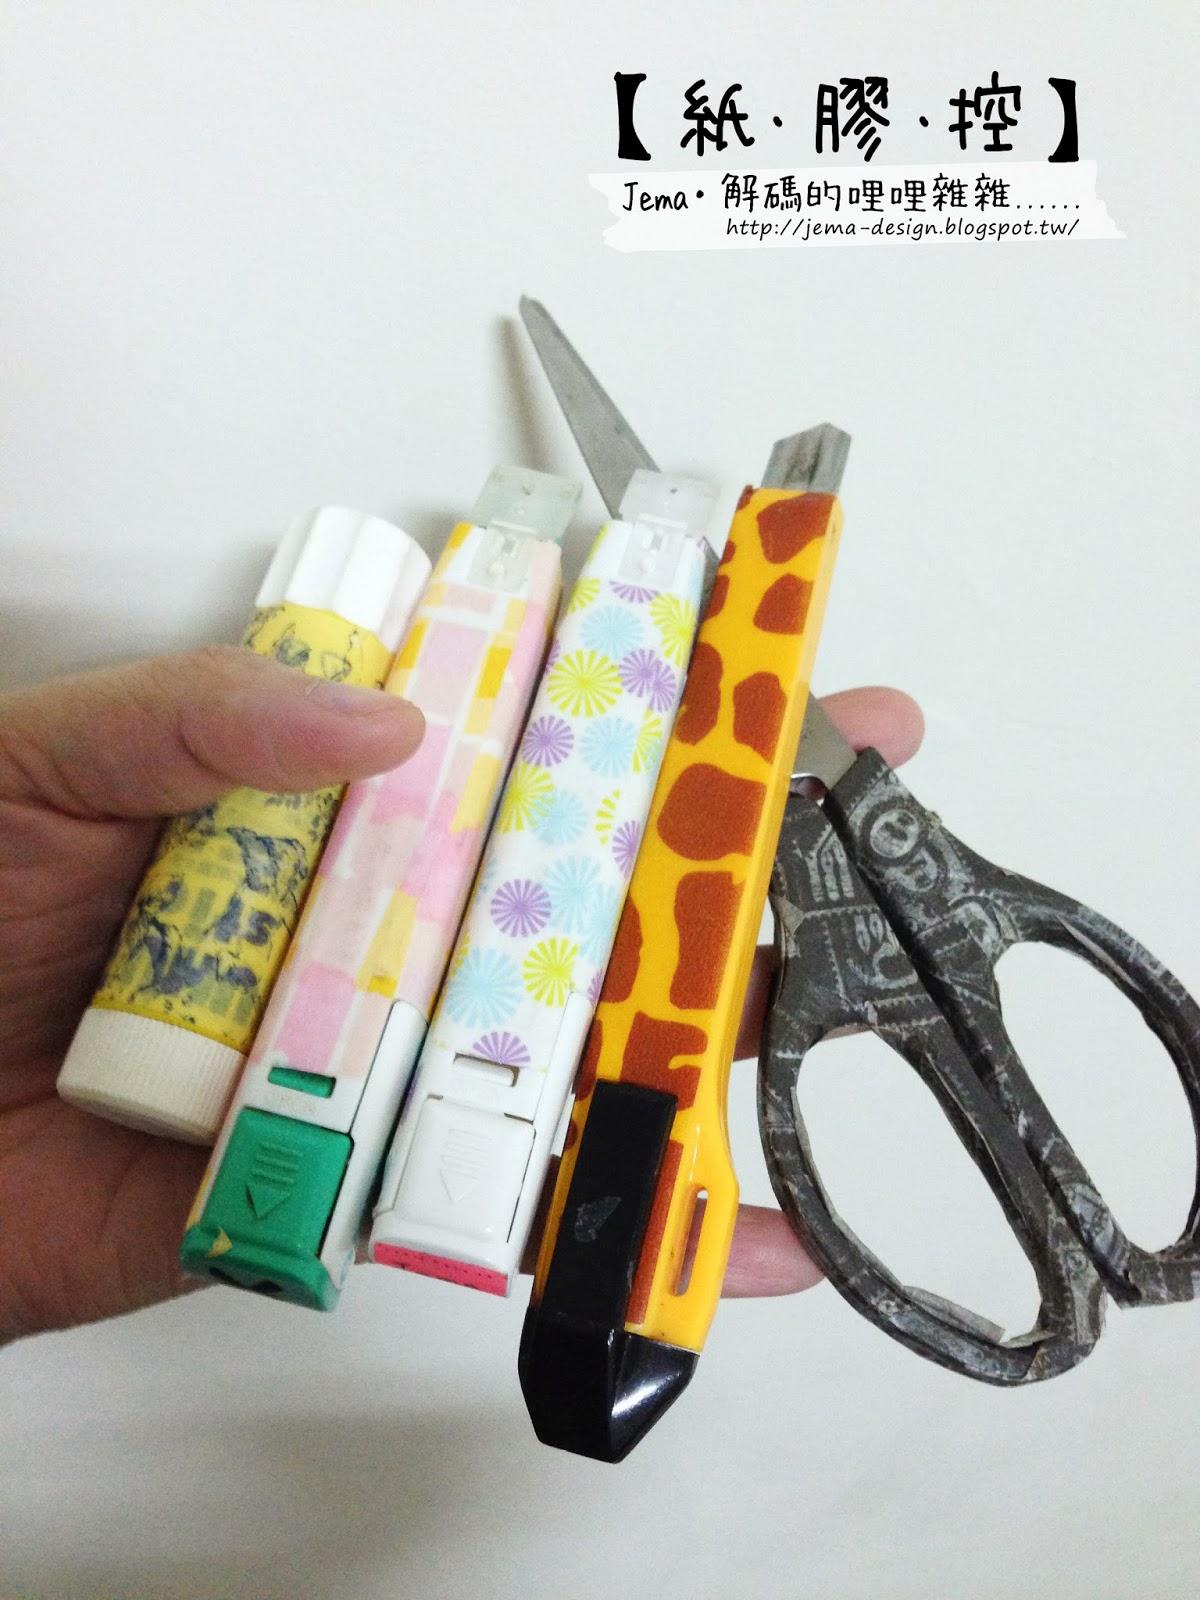 【文具】漫談紙膠帶一開始的坑及紙膠帶應用 ~ Jema Chen